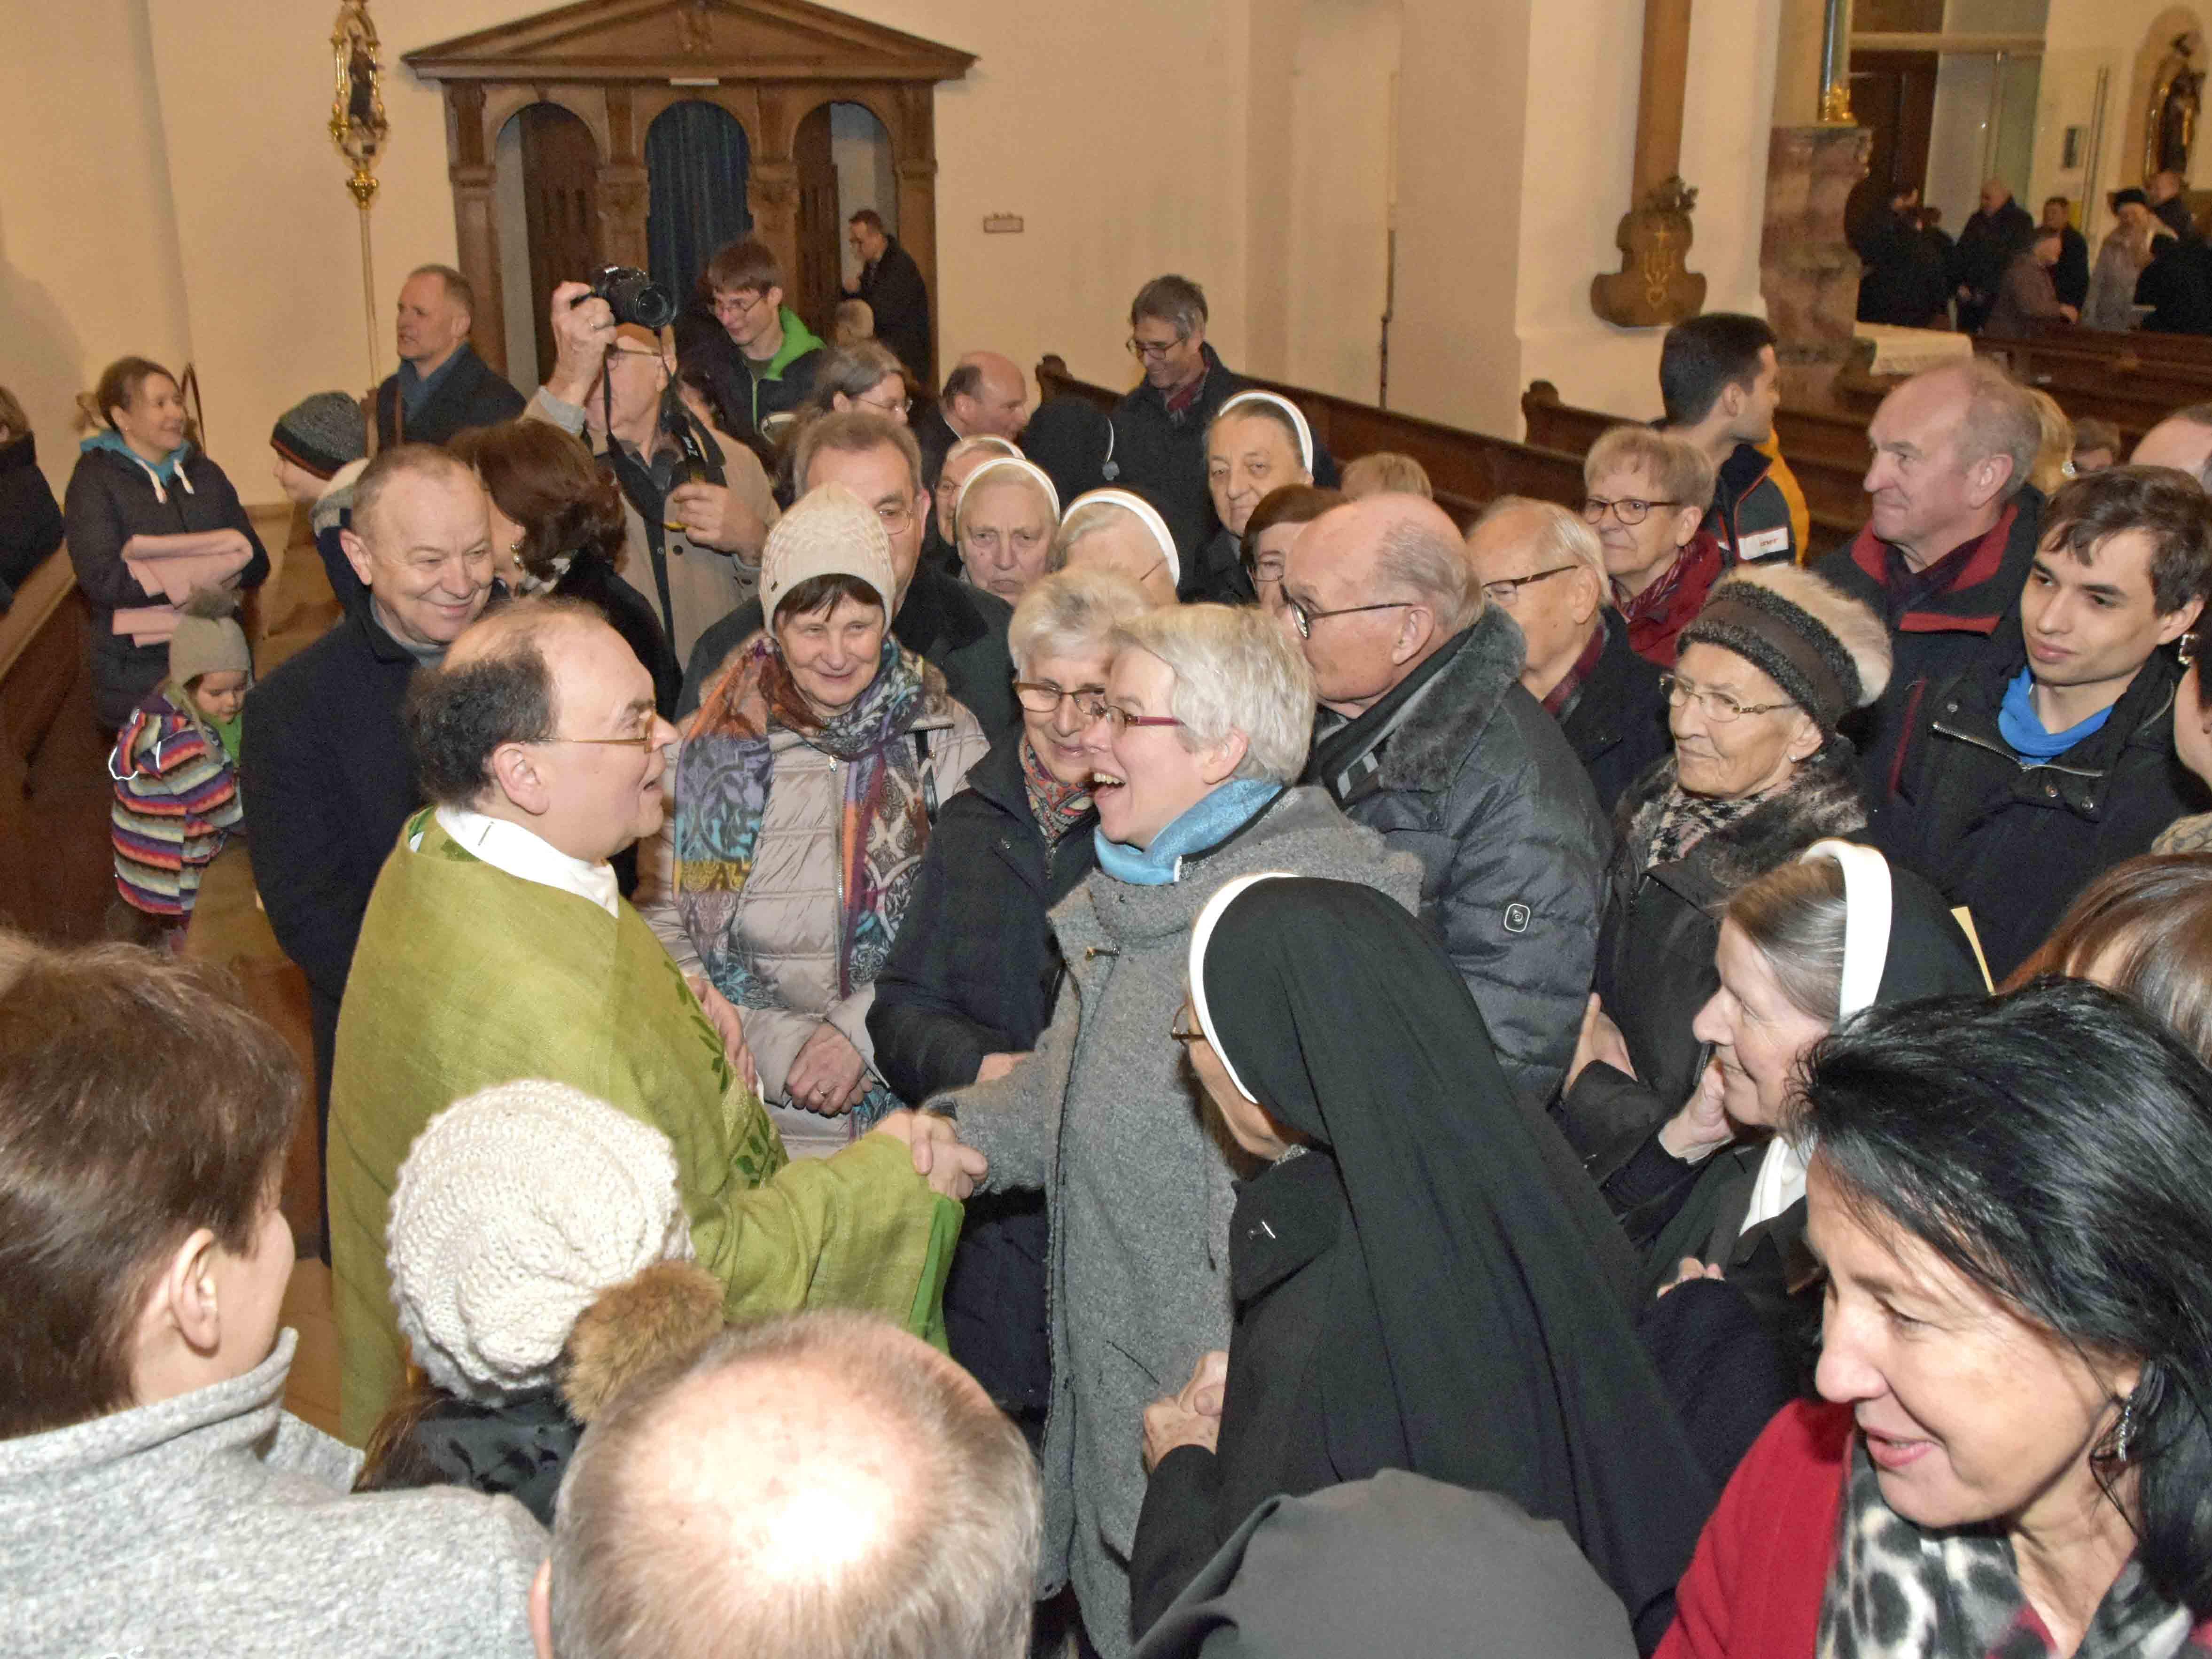 Etliche Gläubige in Dillingen nutzten die Chance, den designierten Augsburger Bischof Dr. Bertram Meier persönlich zu begrüßen. (Foto: SonntagsZeitung / Bunk)